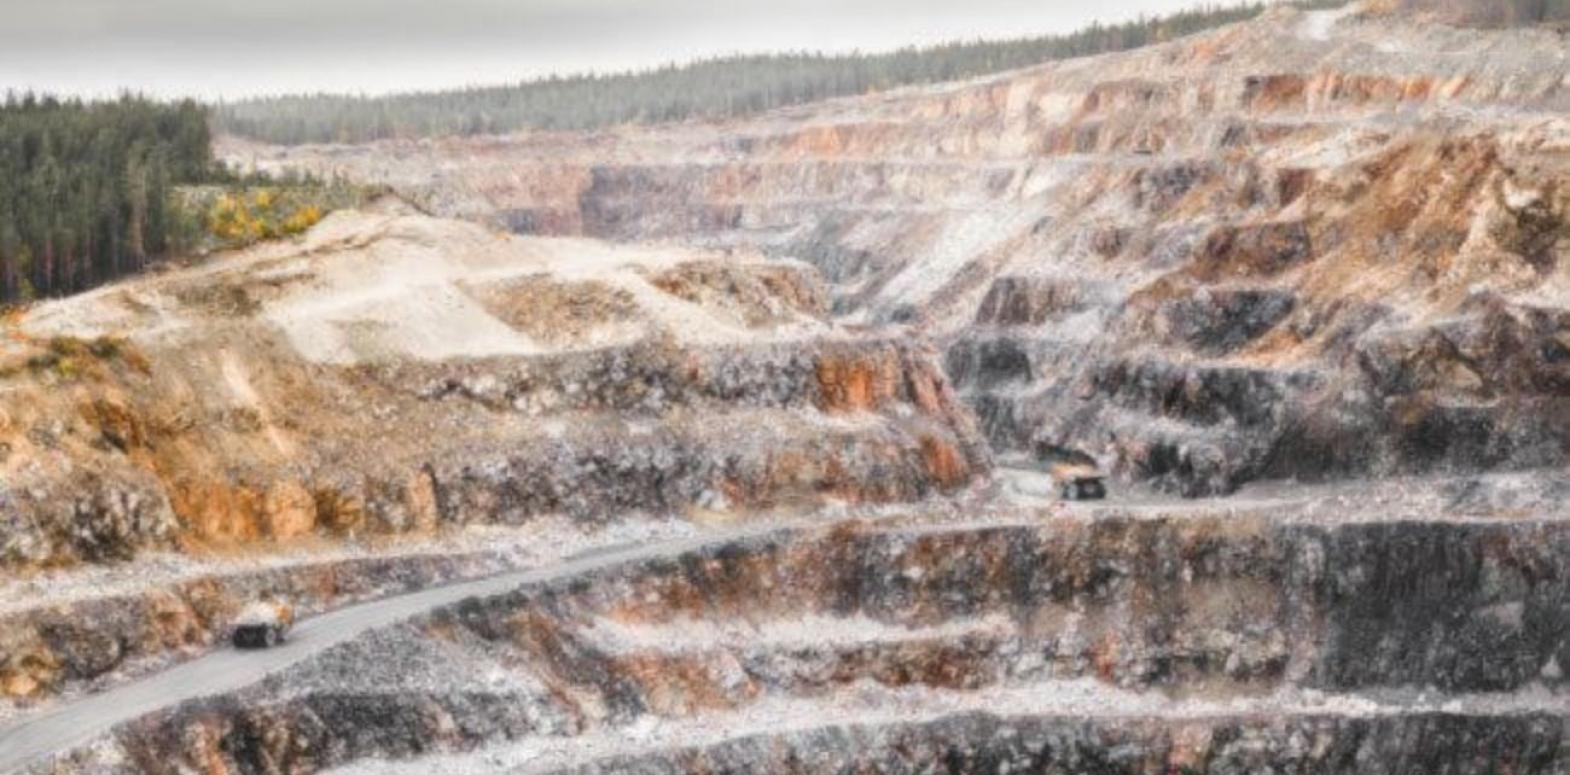 Обвал на рынках: руда торгуется на прошлогодней отметке 113 долларов